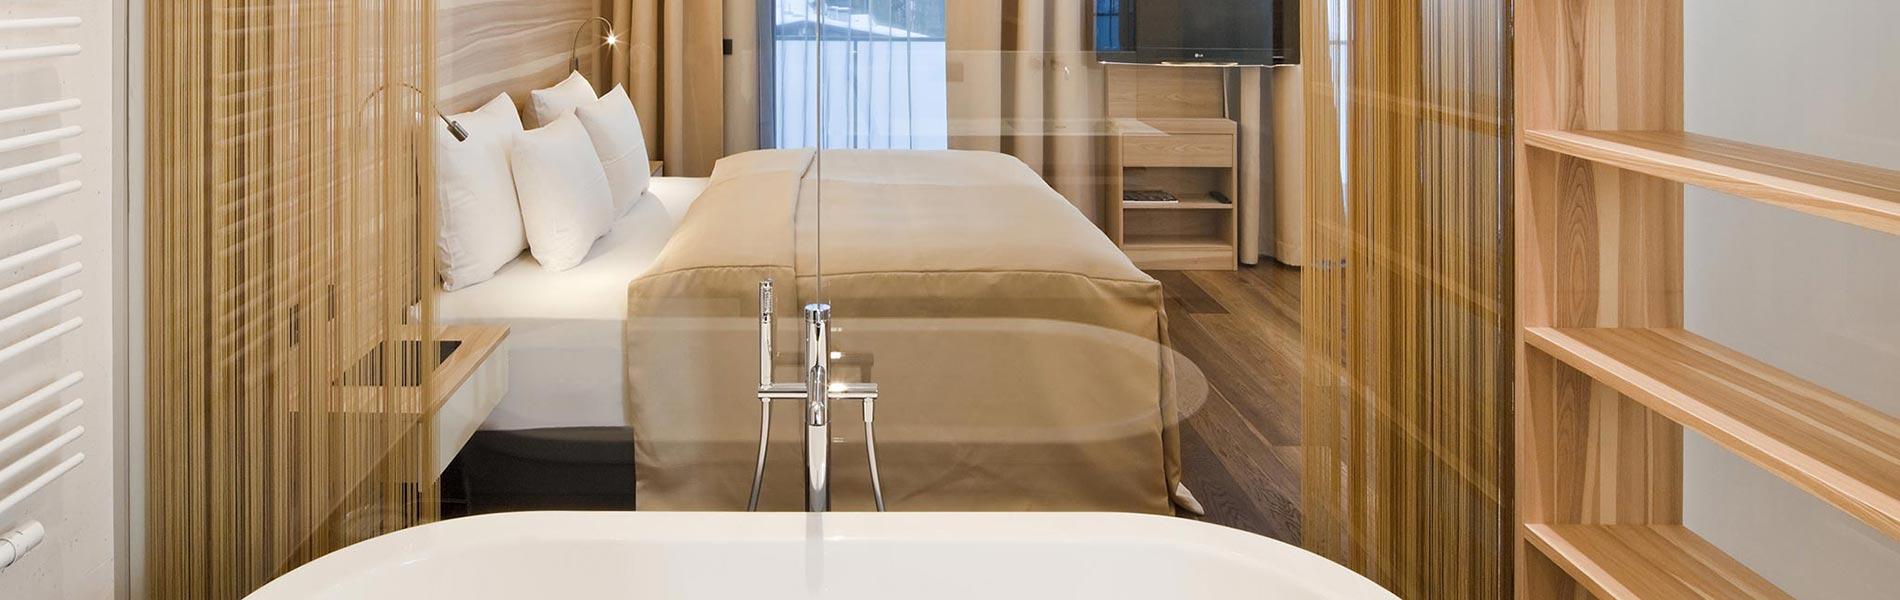 Zimmer Hotel Rosengarten 5 Sterne Hotel Relais & Châteaux Hotel Kirchberg Tirol Austria